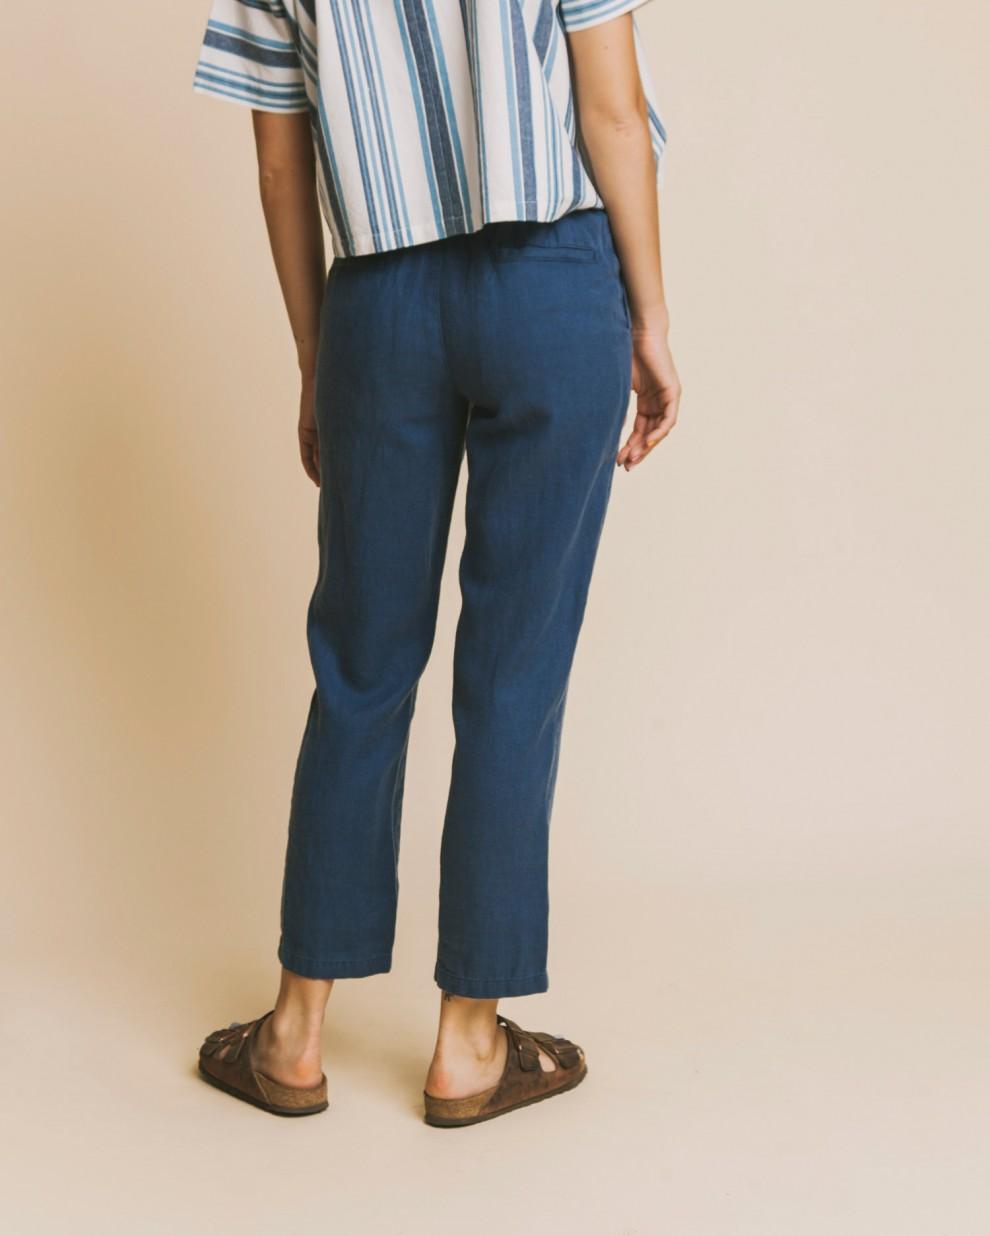 pantalon-blue-hemp-dafne (2)